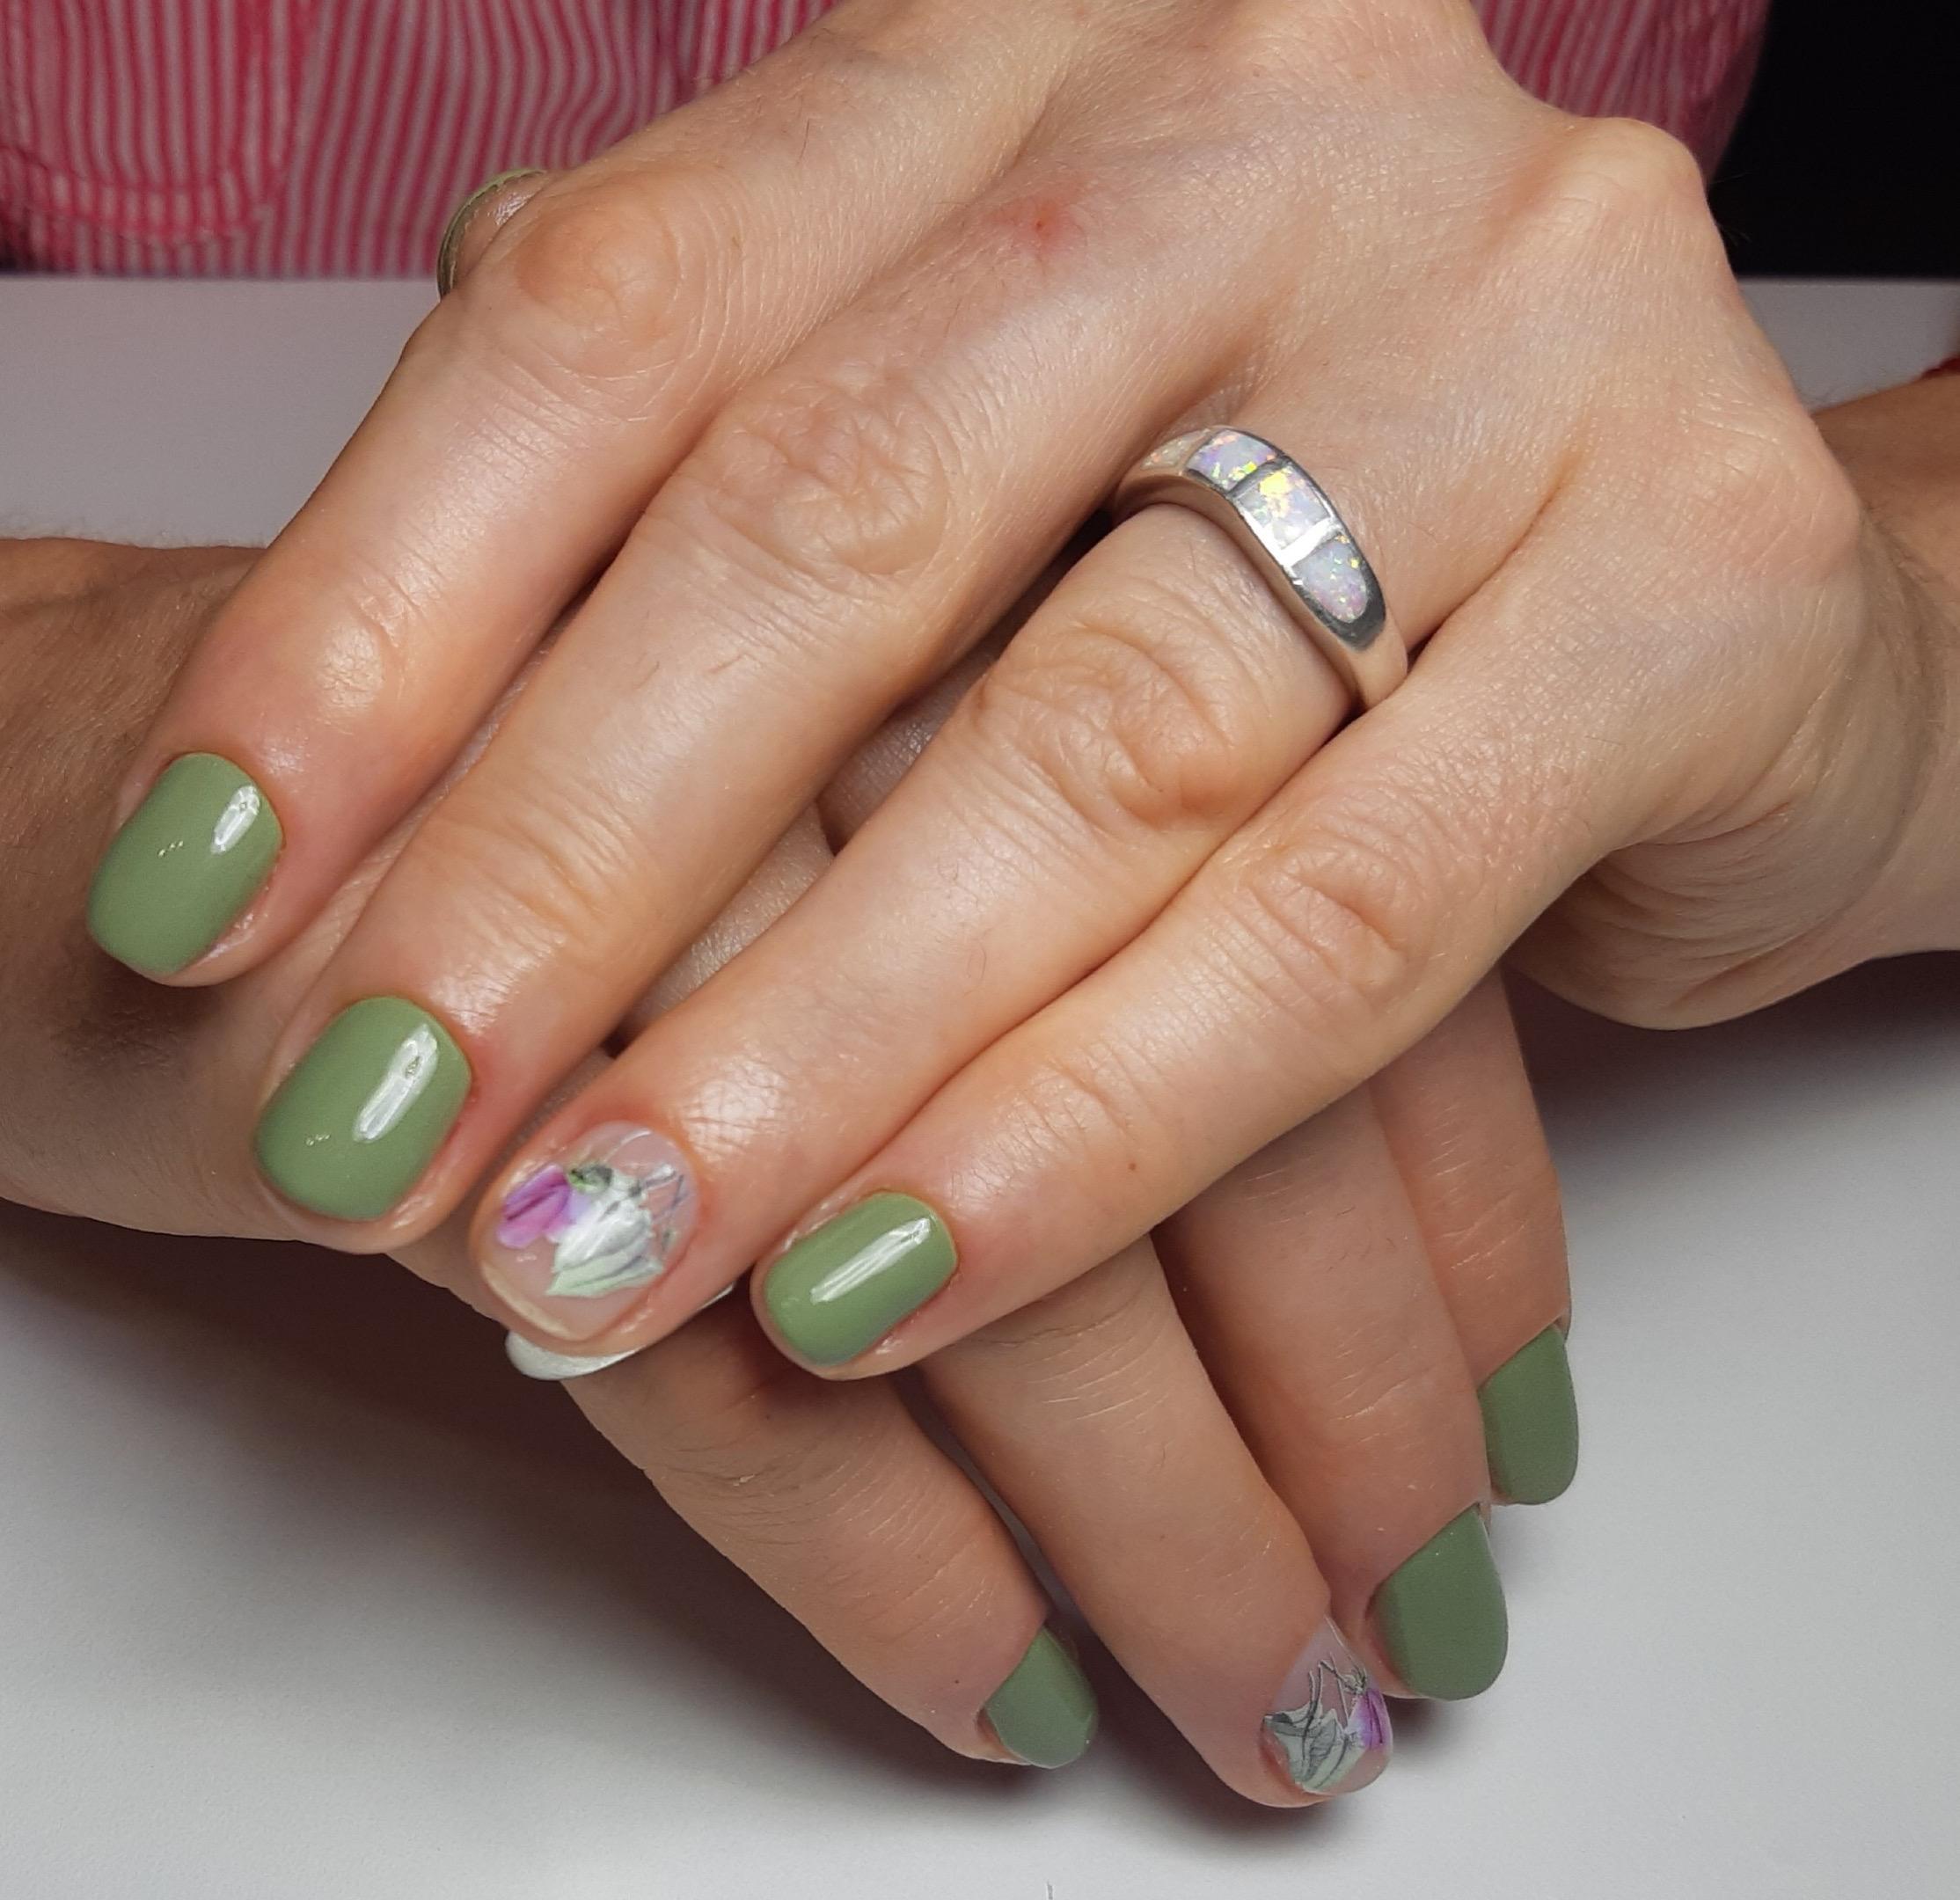 Маникюр с цветочными слайдерами в оливковом цвете на короткие ногти.